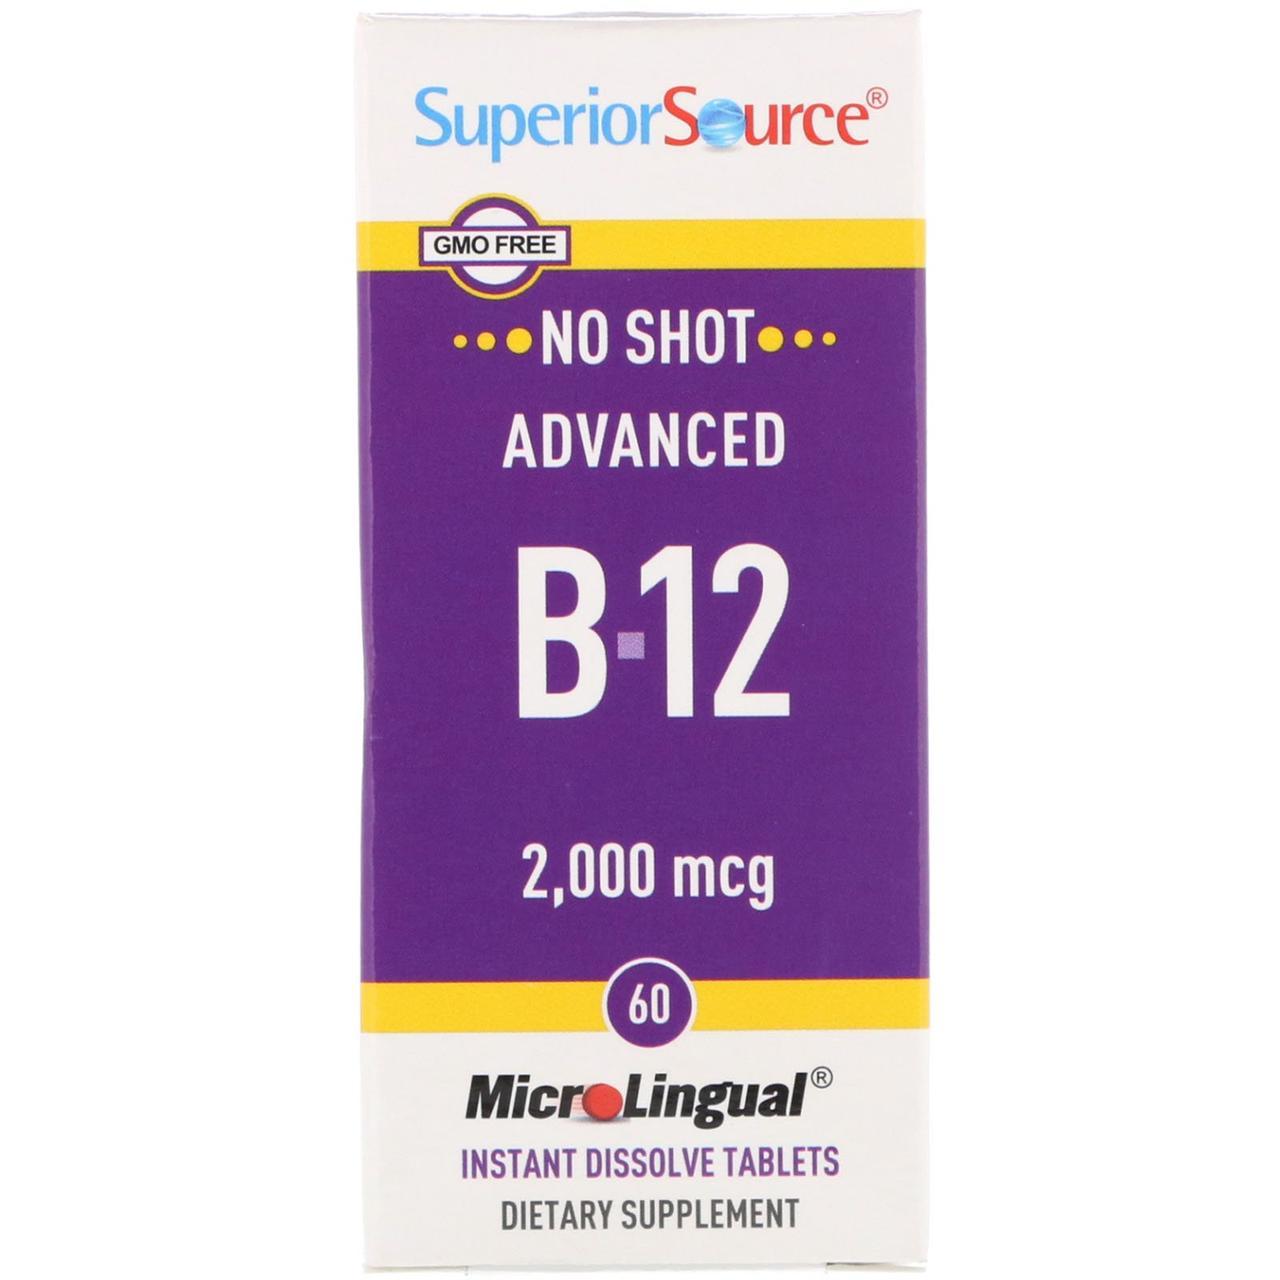 Улучшенный витамин B-12 от Superior Source, 2.000 мкг, 60 микролигвальных быстрорастворимых таблеток